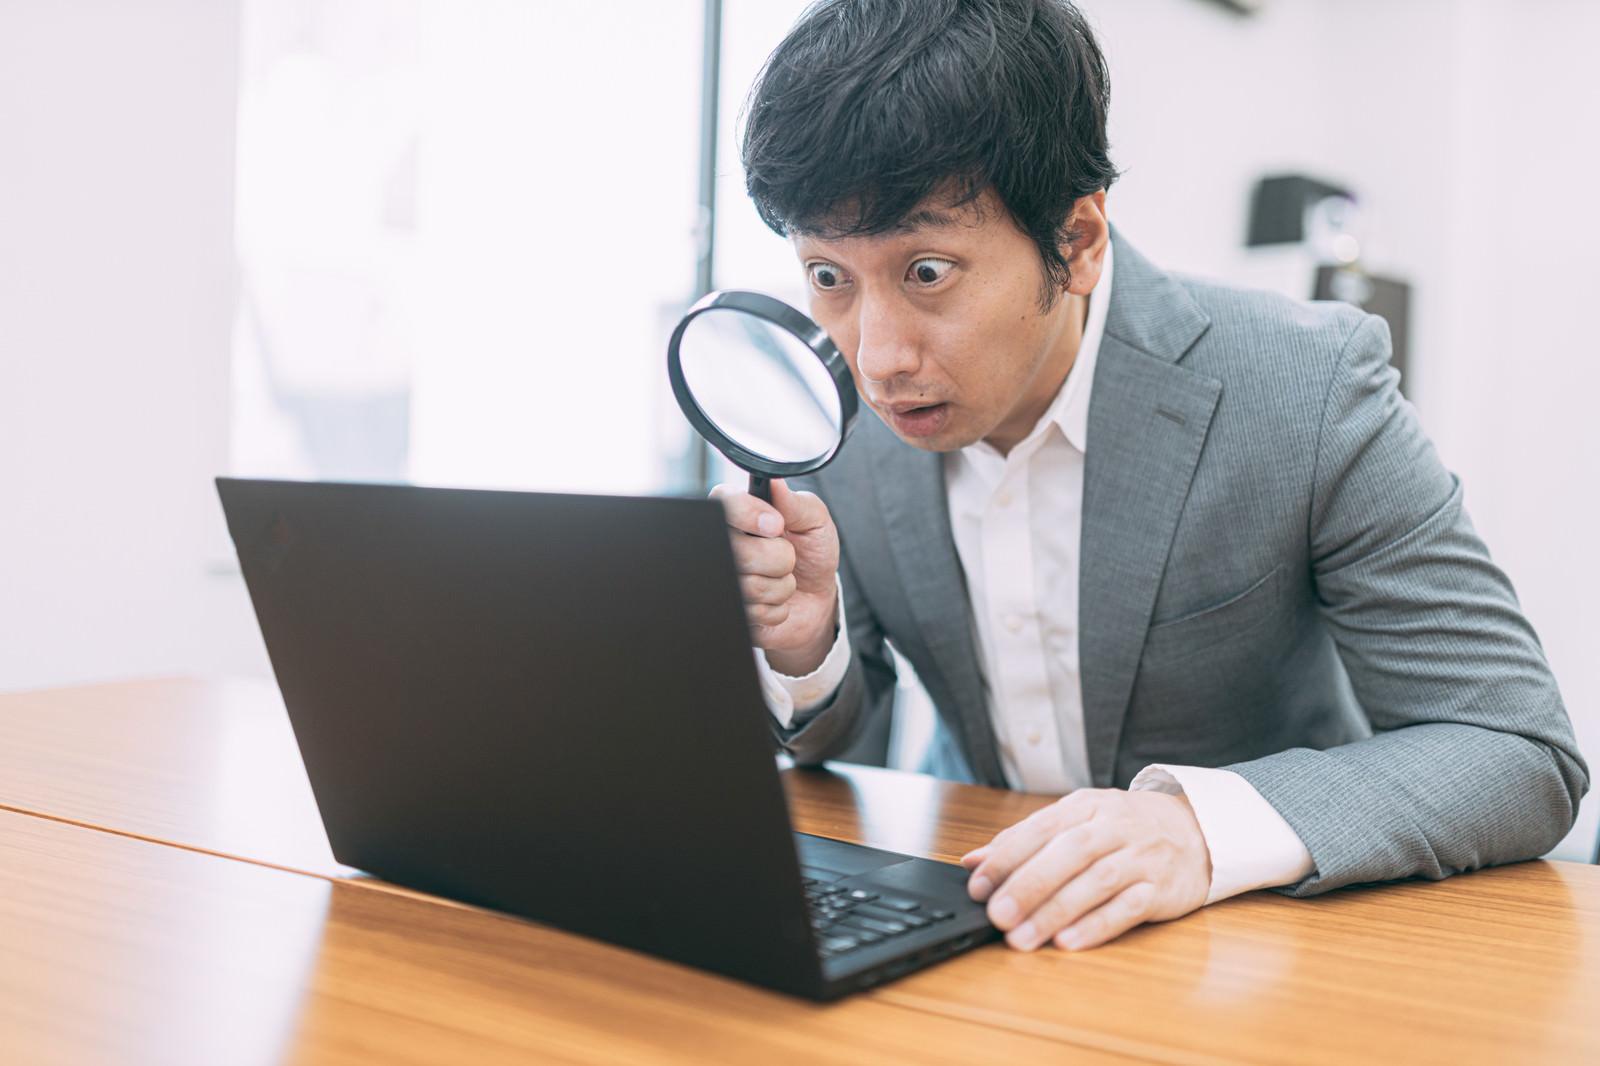 「サイトの隅々までチェックを入れる管理人」の写真[モデル:大川竜弥]